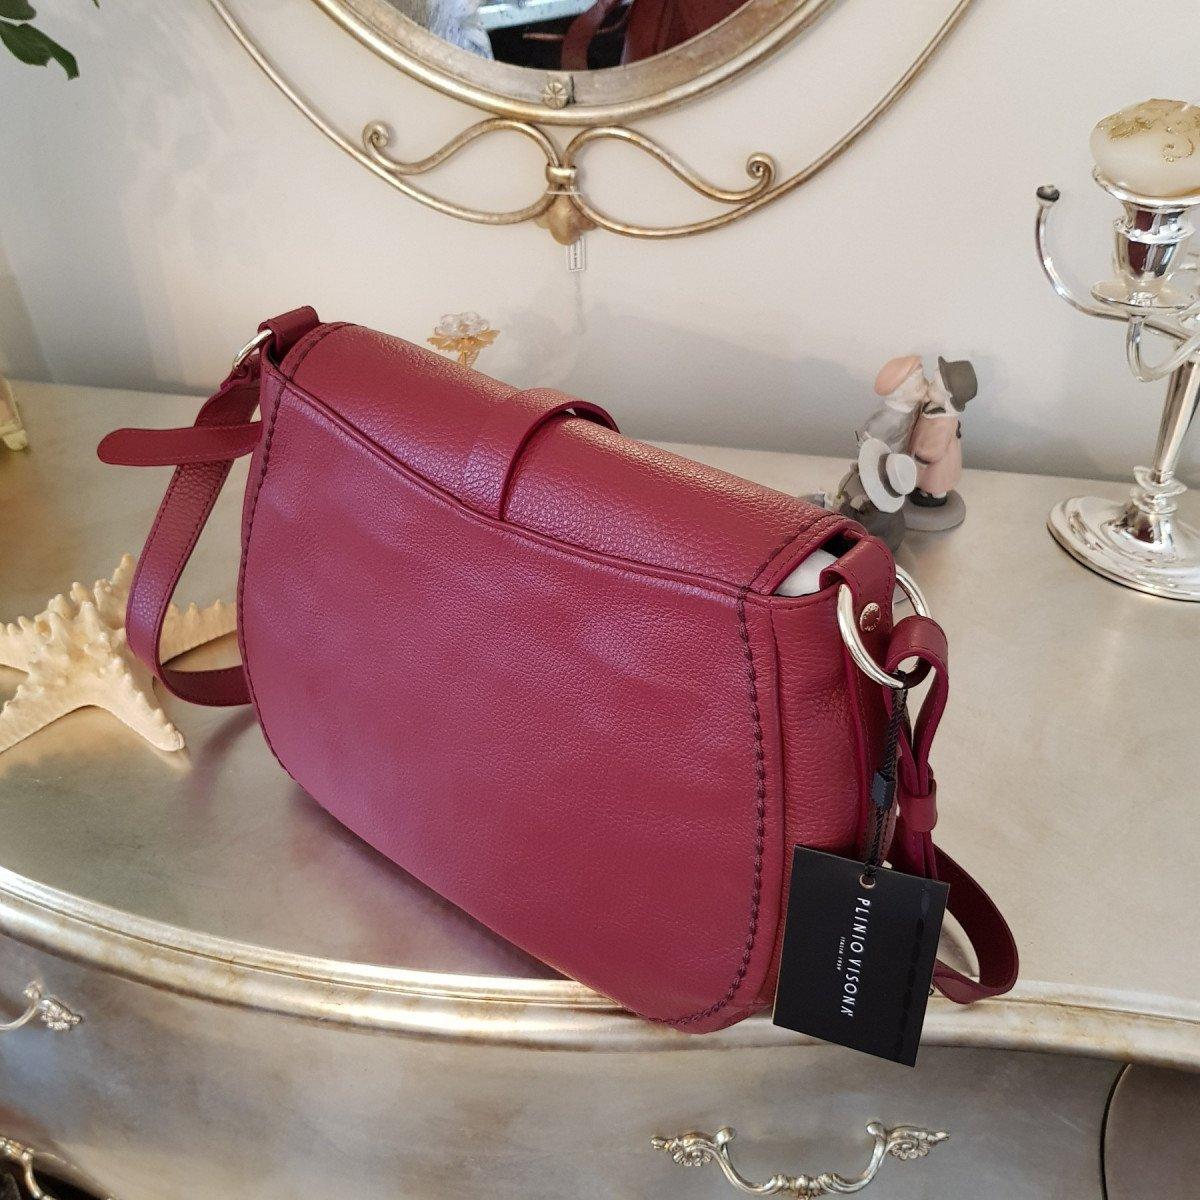 Женская кожаная сумка Plinio Visona 20501 California AMARENA из натуральной кожи